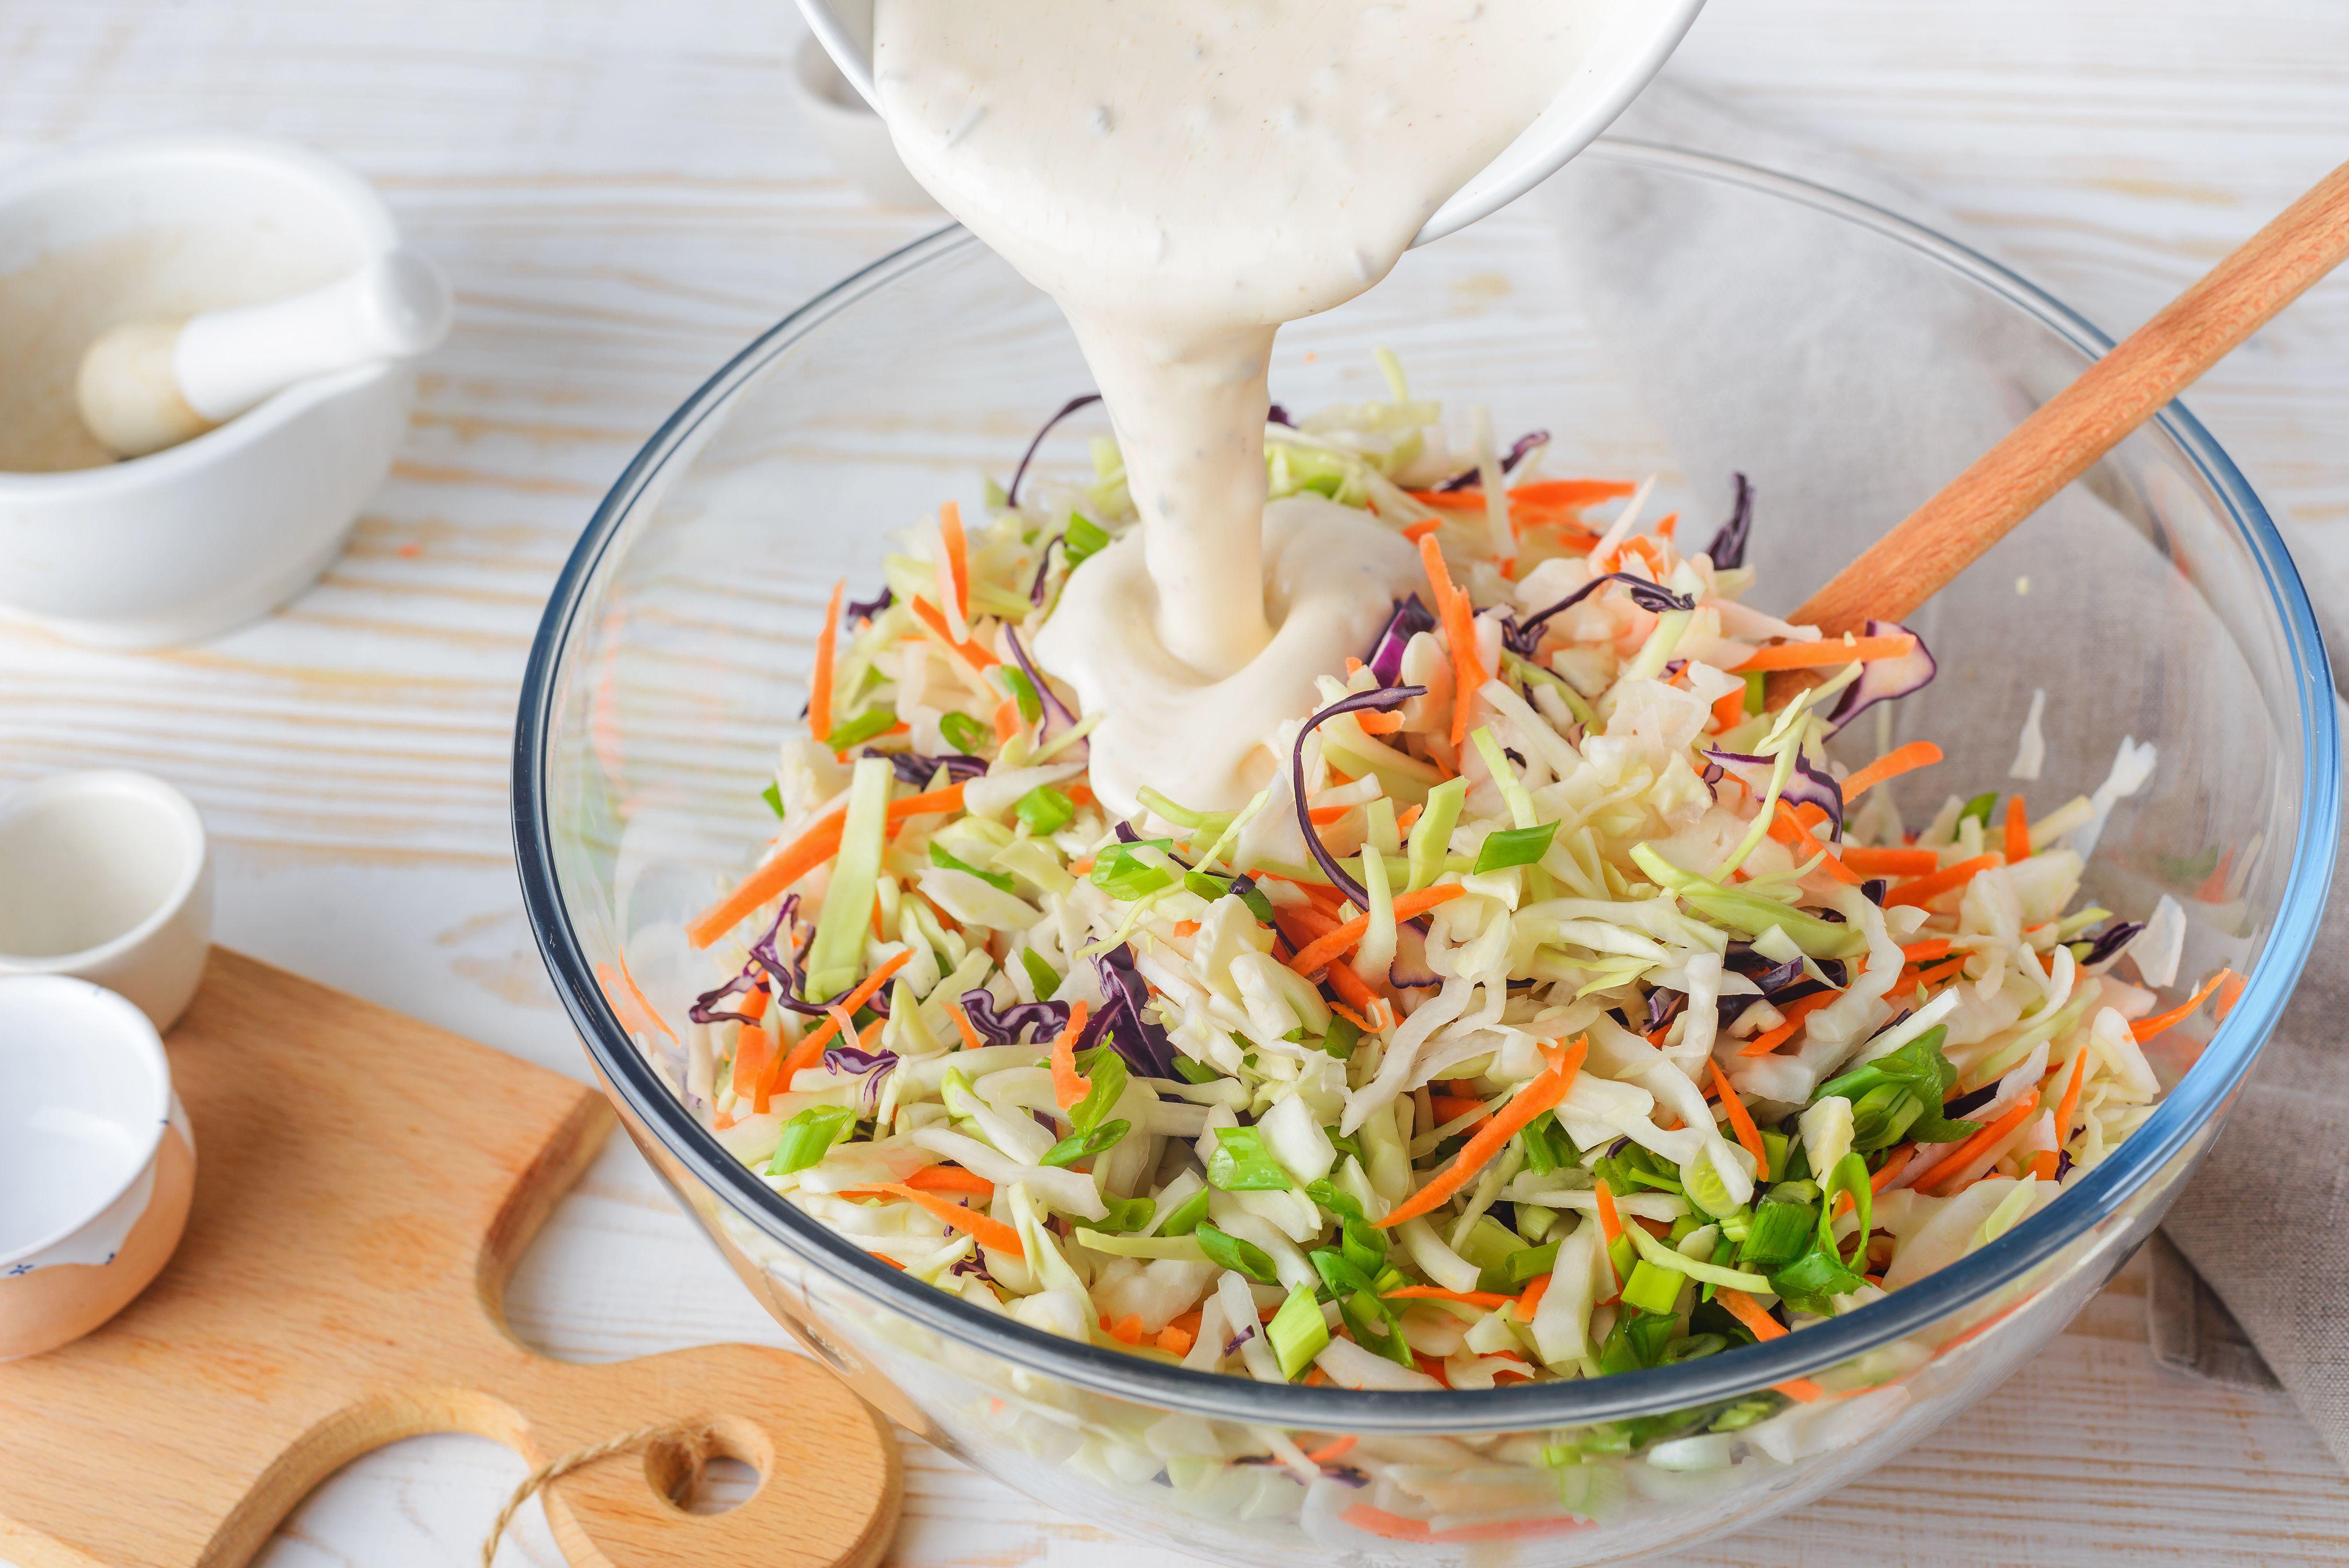 Dressing on coleslaw